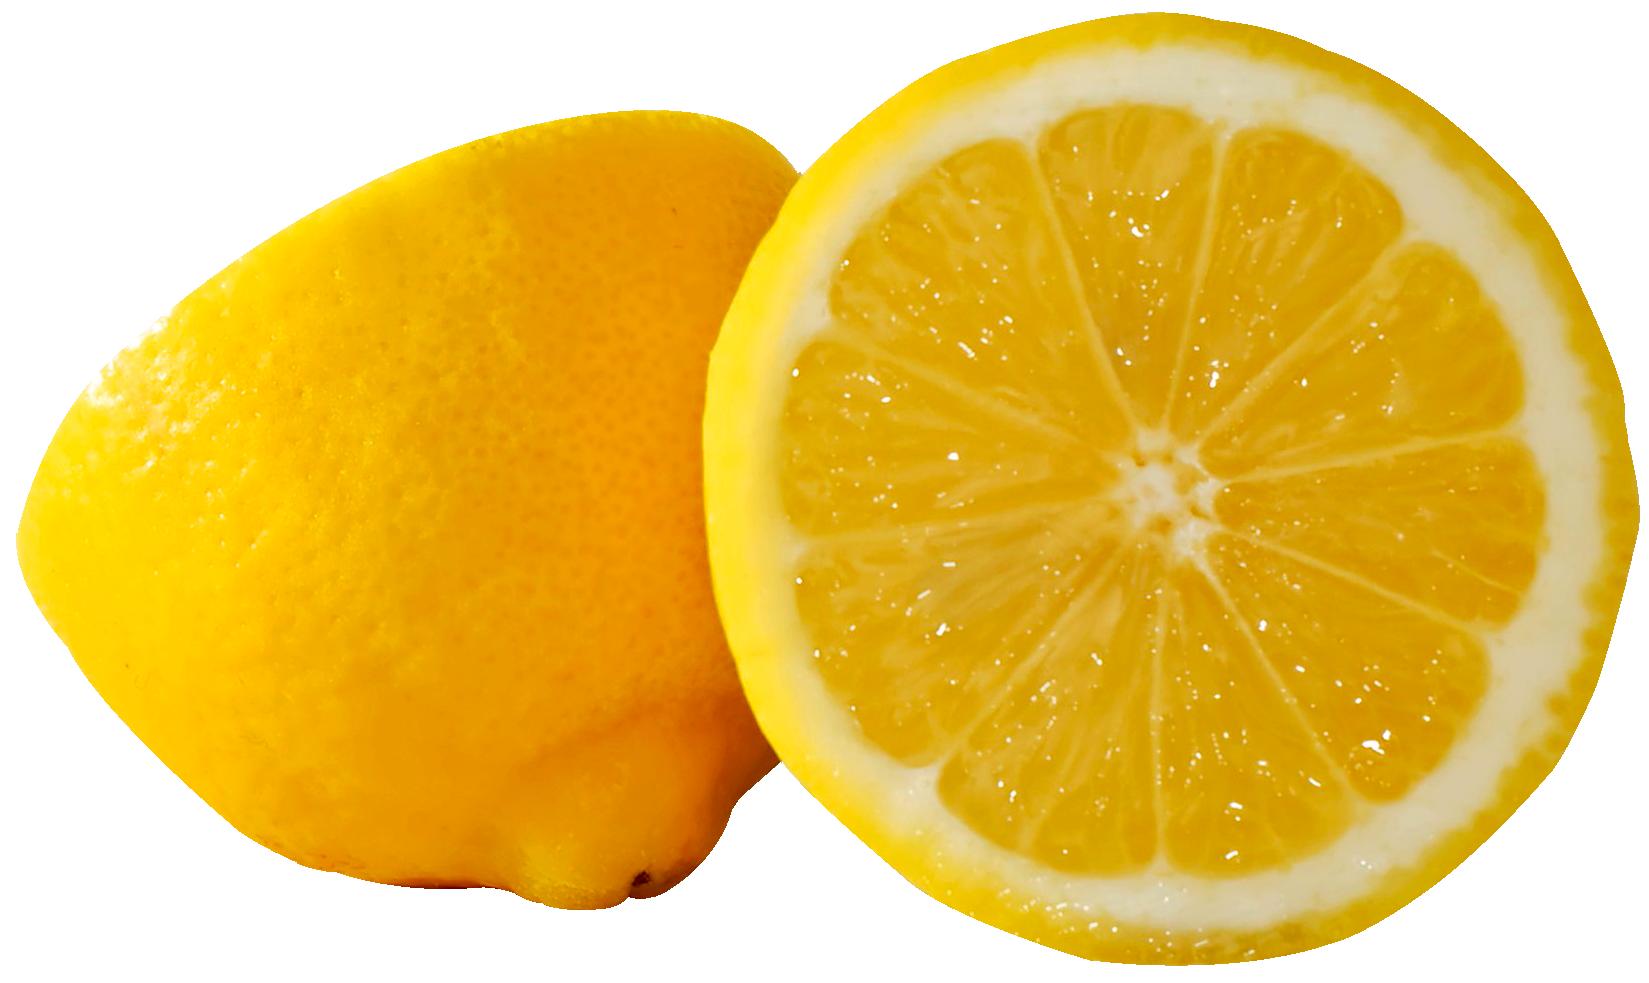 Lemon Backgrounds, Compatible - PC, Mobile, Gadgets| 1649x983 px